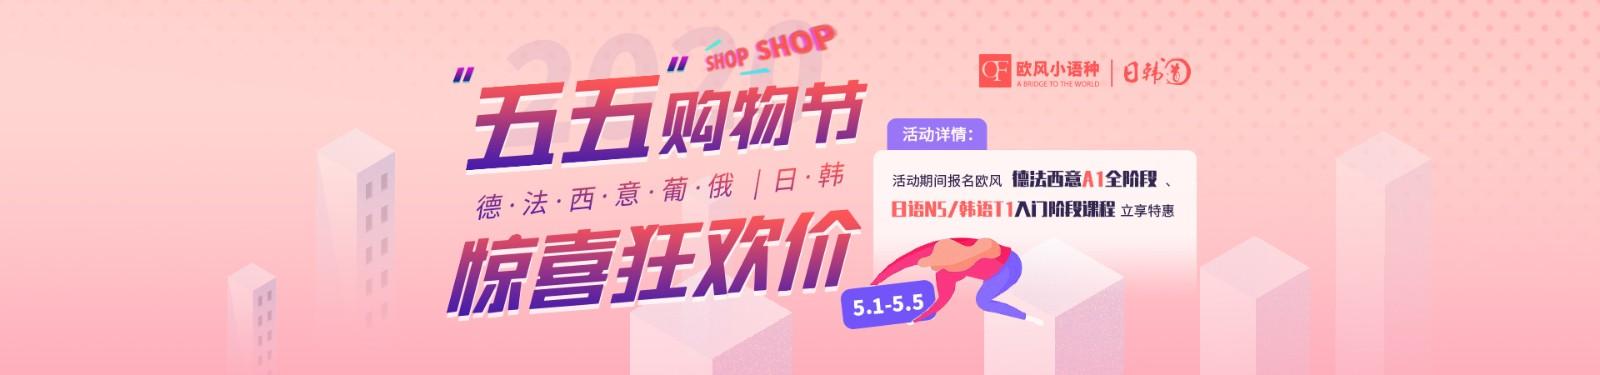 上海欧风小语种betway体育app中心 横幅广告